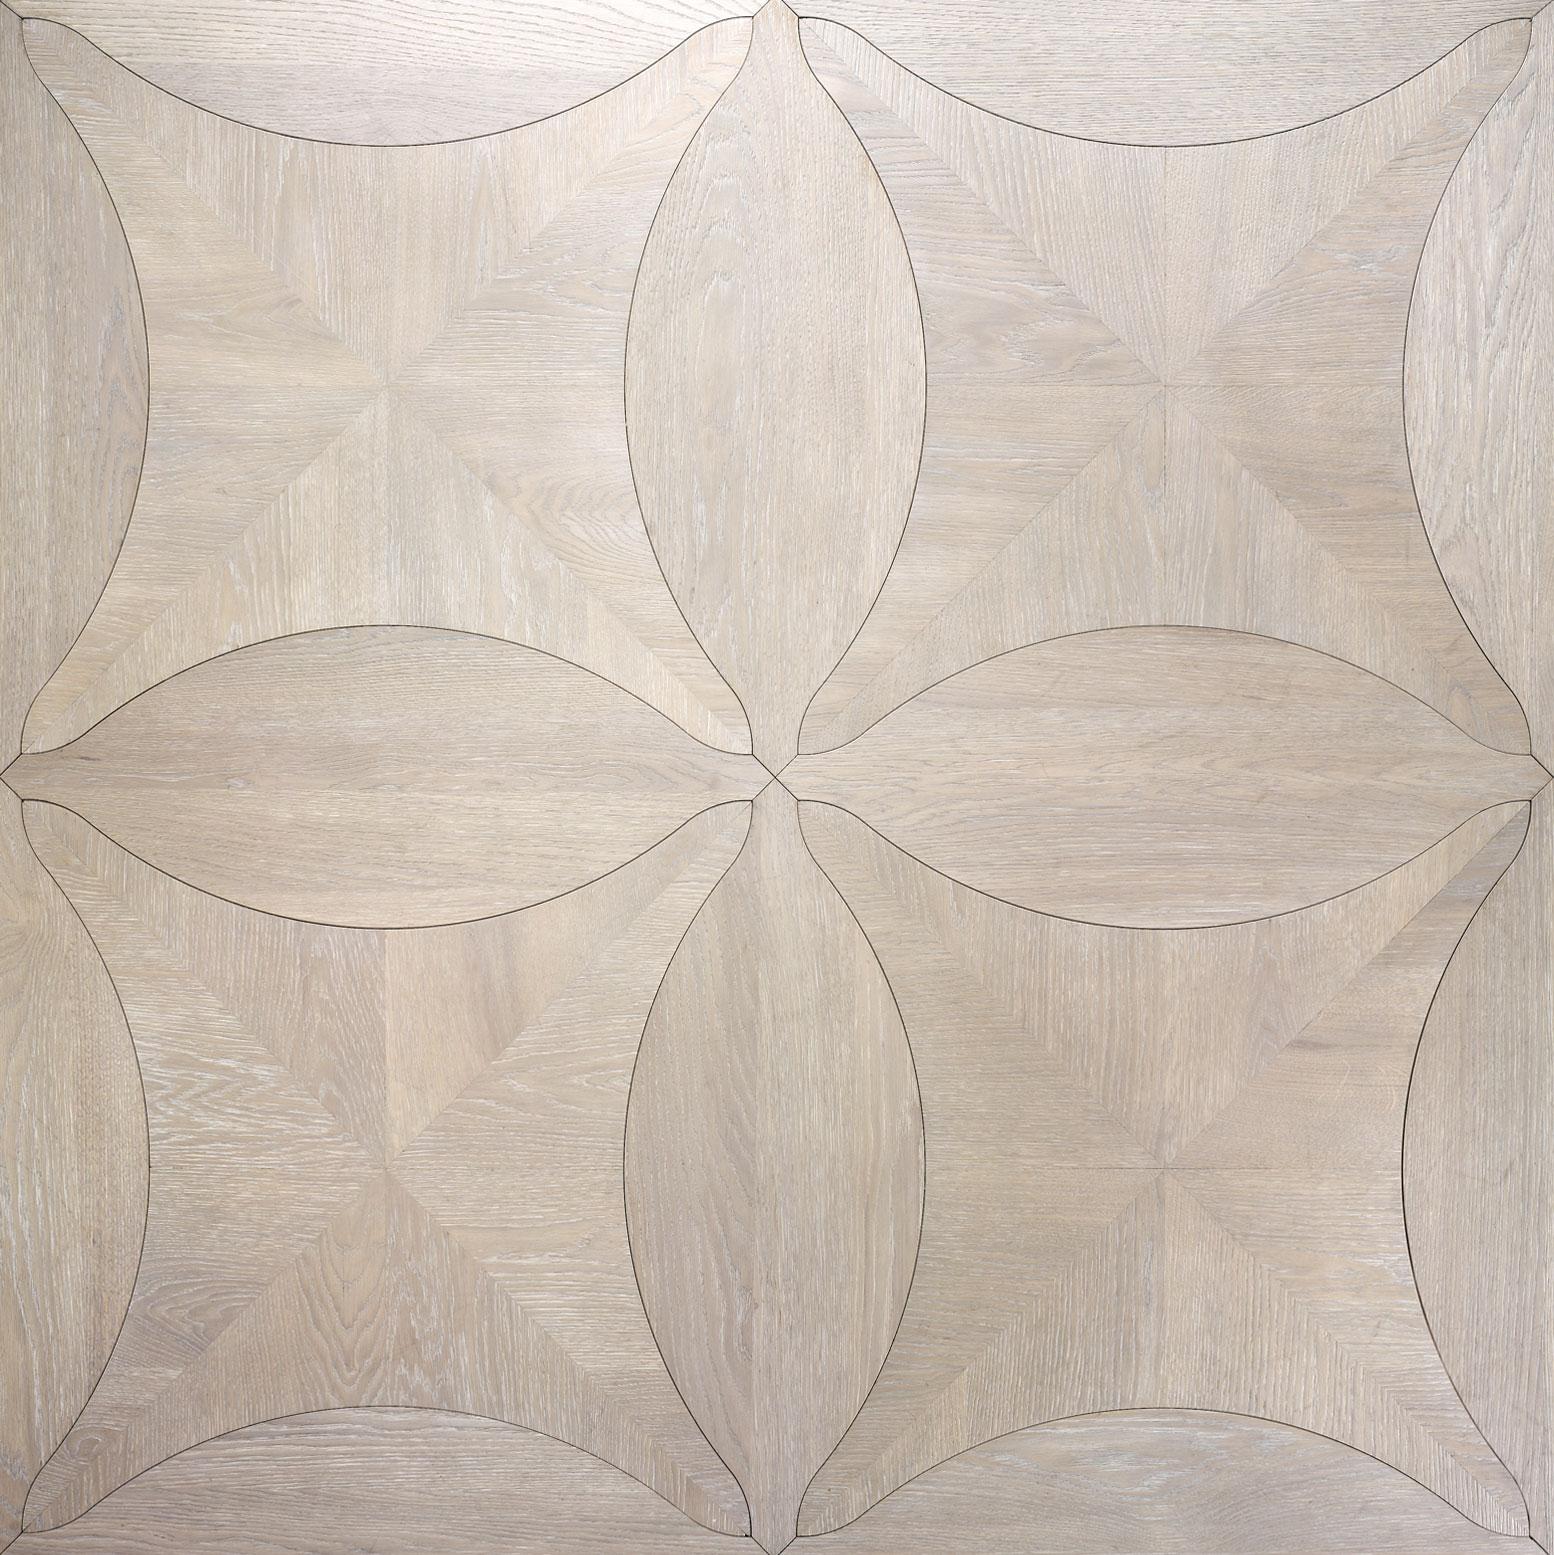 Element7-Parquet-Oak-Petals-Panels-sample-2